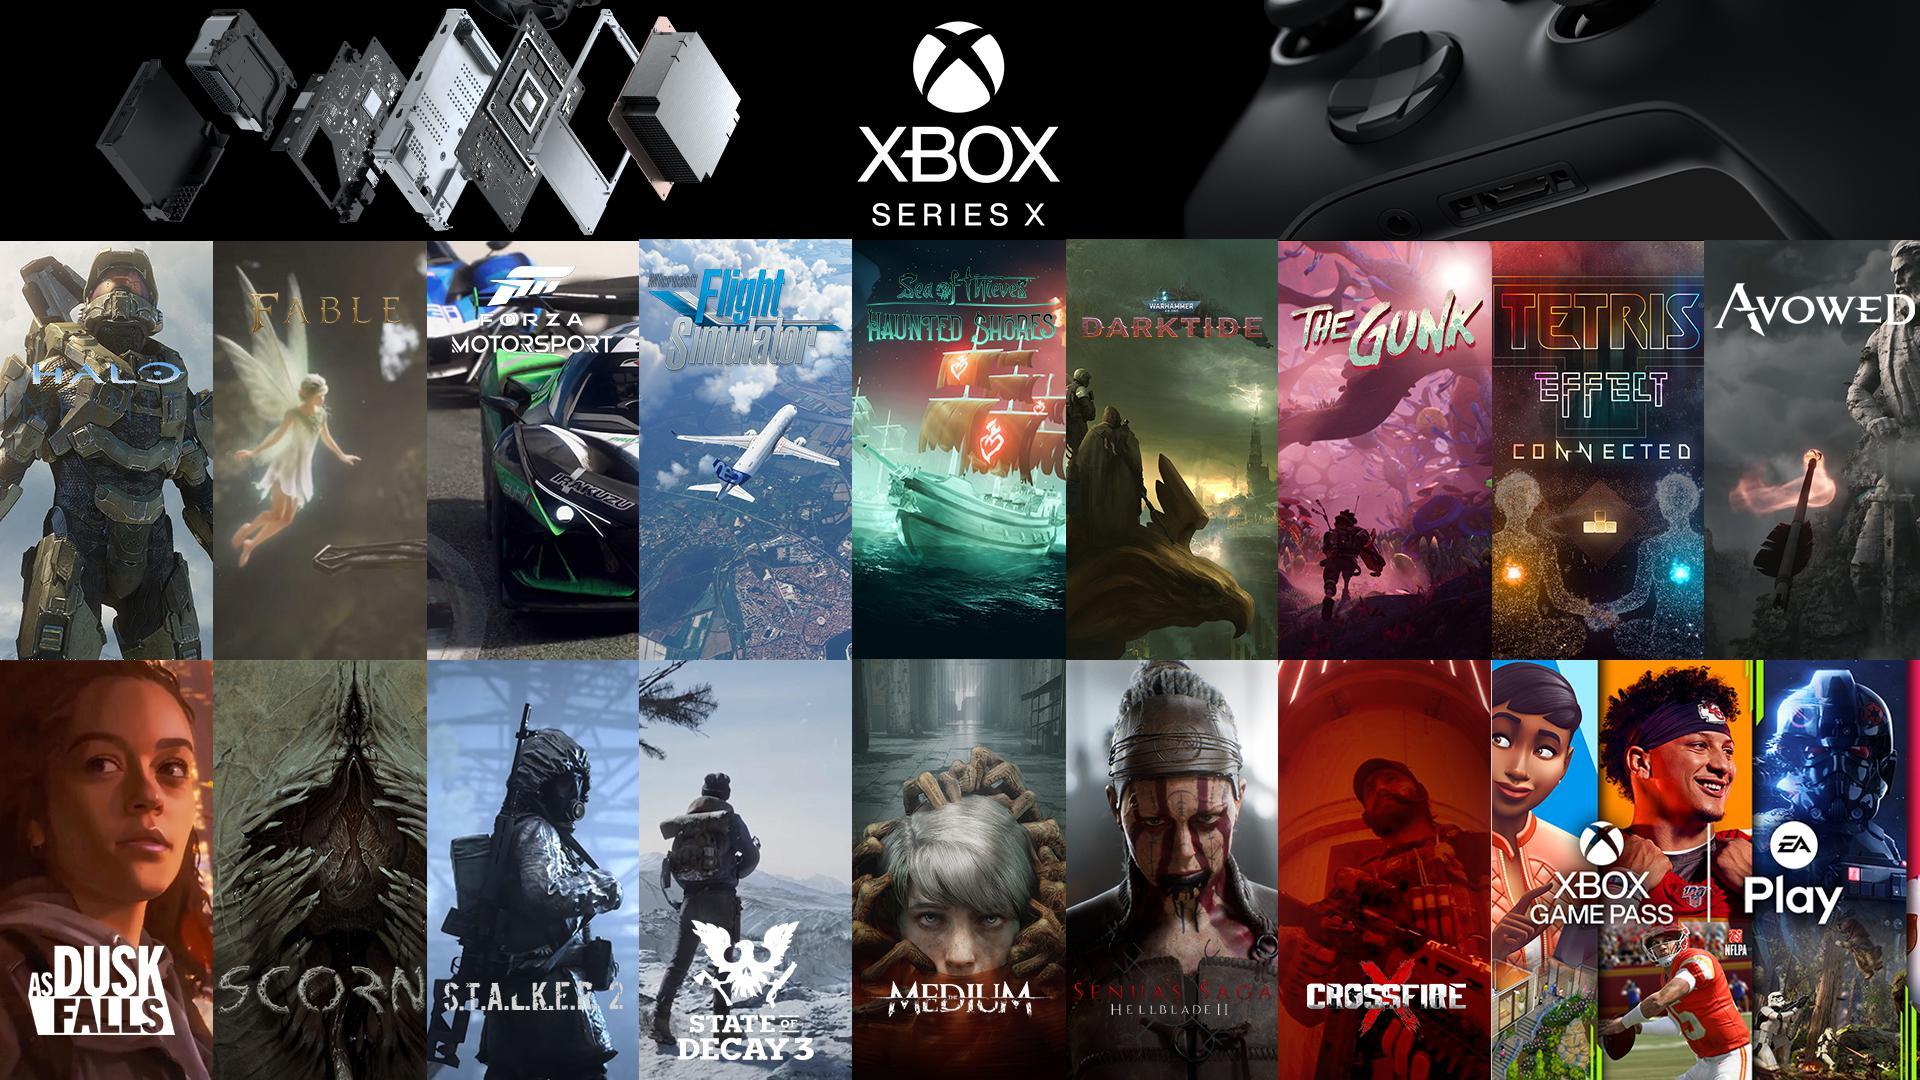 1599896169856 - 【朗報】XboxシリーズXのタイトルラインナップが強すぎると話題にwwwwwwww